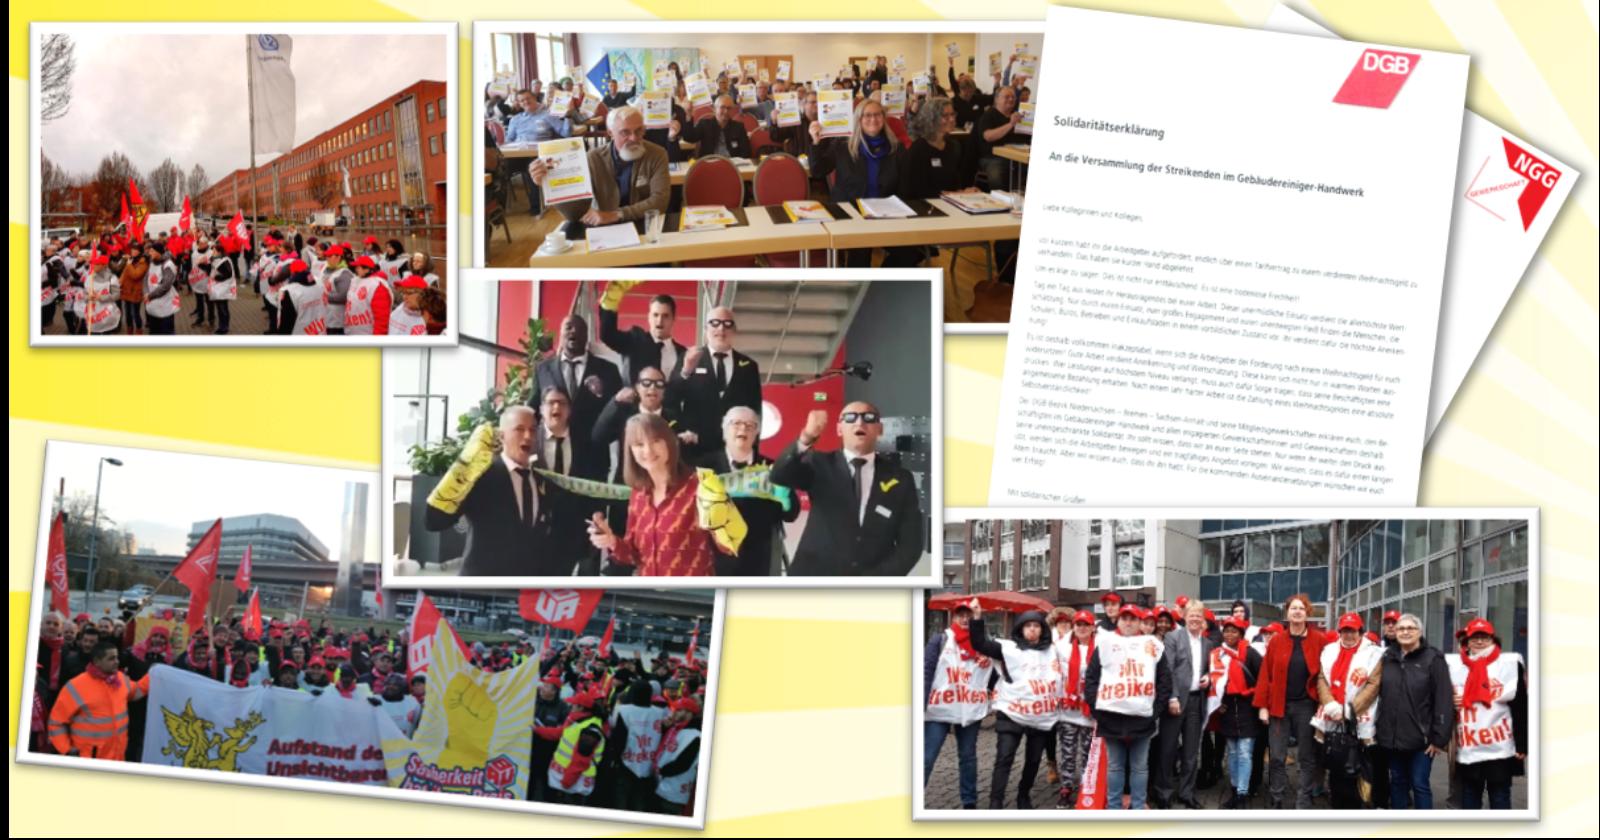 Solidarität macht stark – Danke für die Unterstützung! (Teil I)